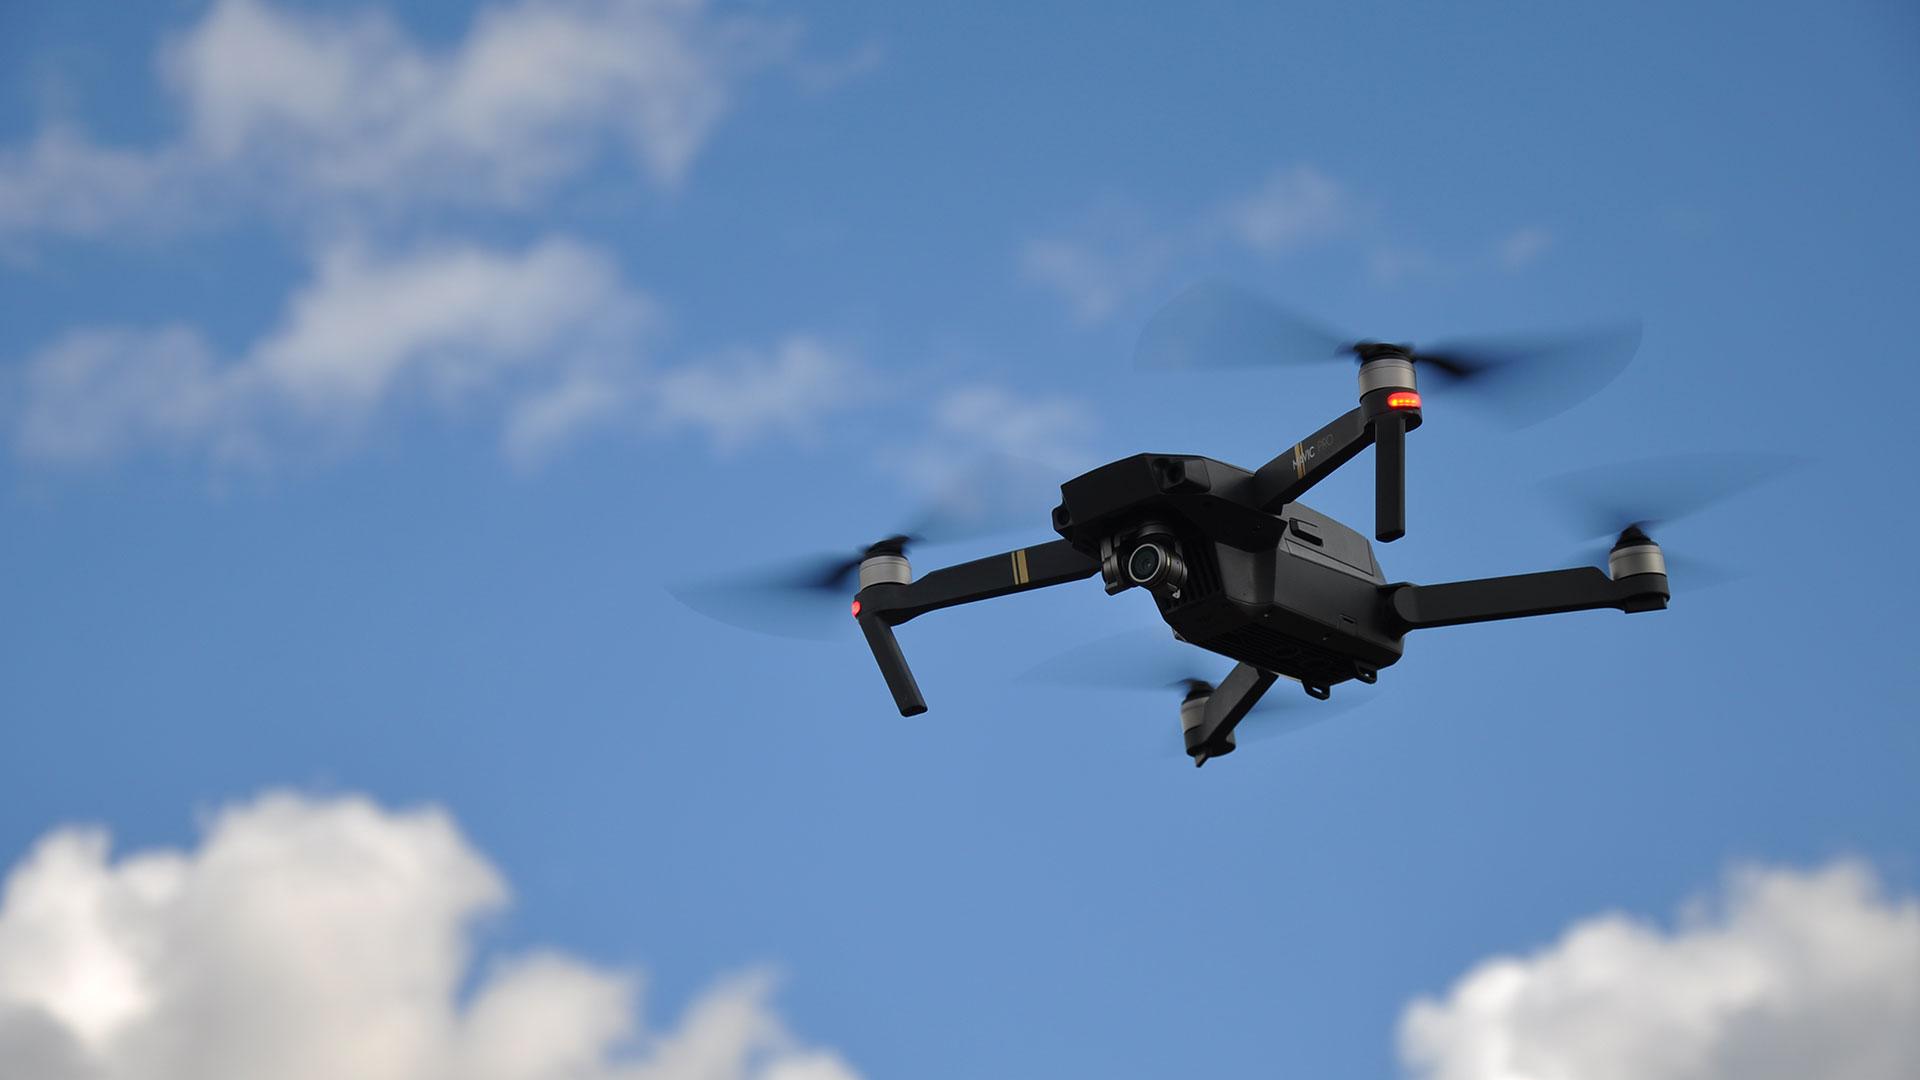 Квадрокоптер для перевозки человека: когда мы будем летать на дронах?